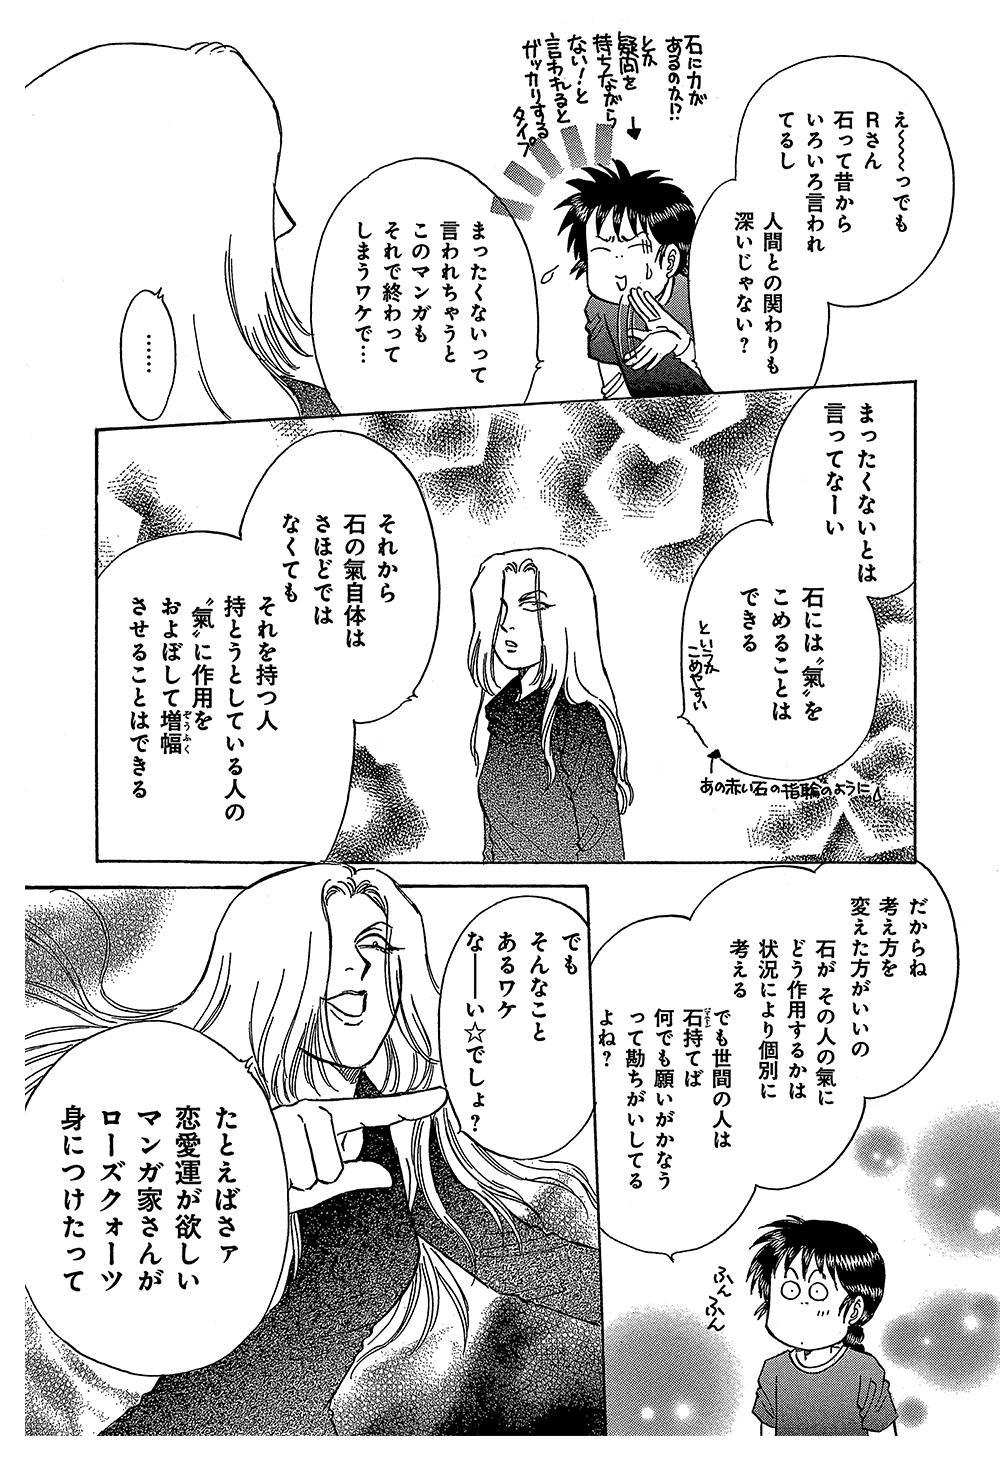 オカルト万華鏡 第1話 ②oka17.jpg